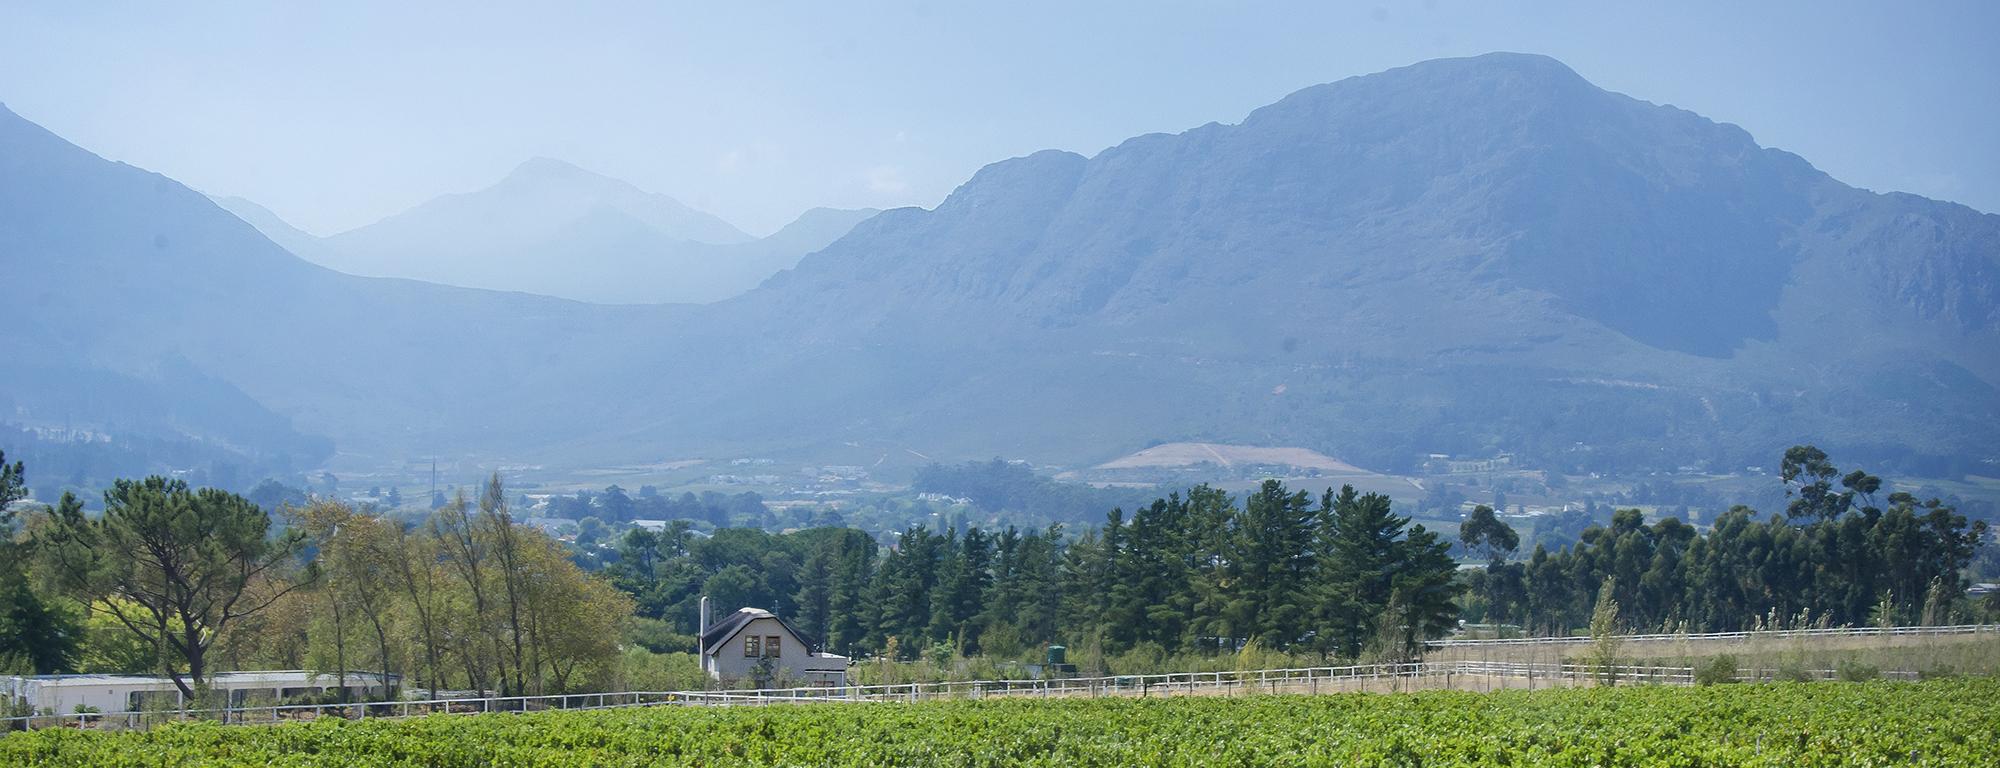 mont-rochelle-vineyards-franschhoek